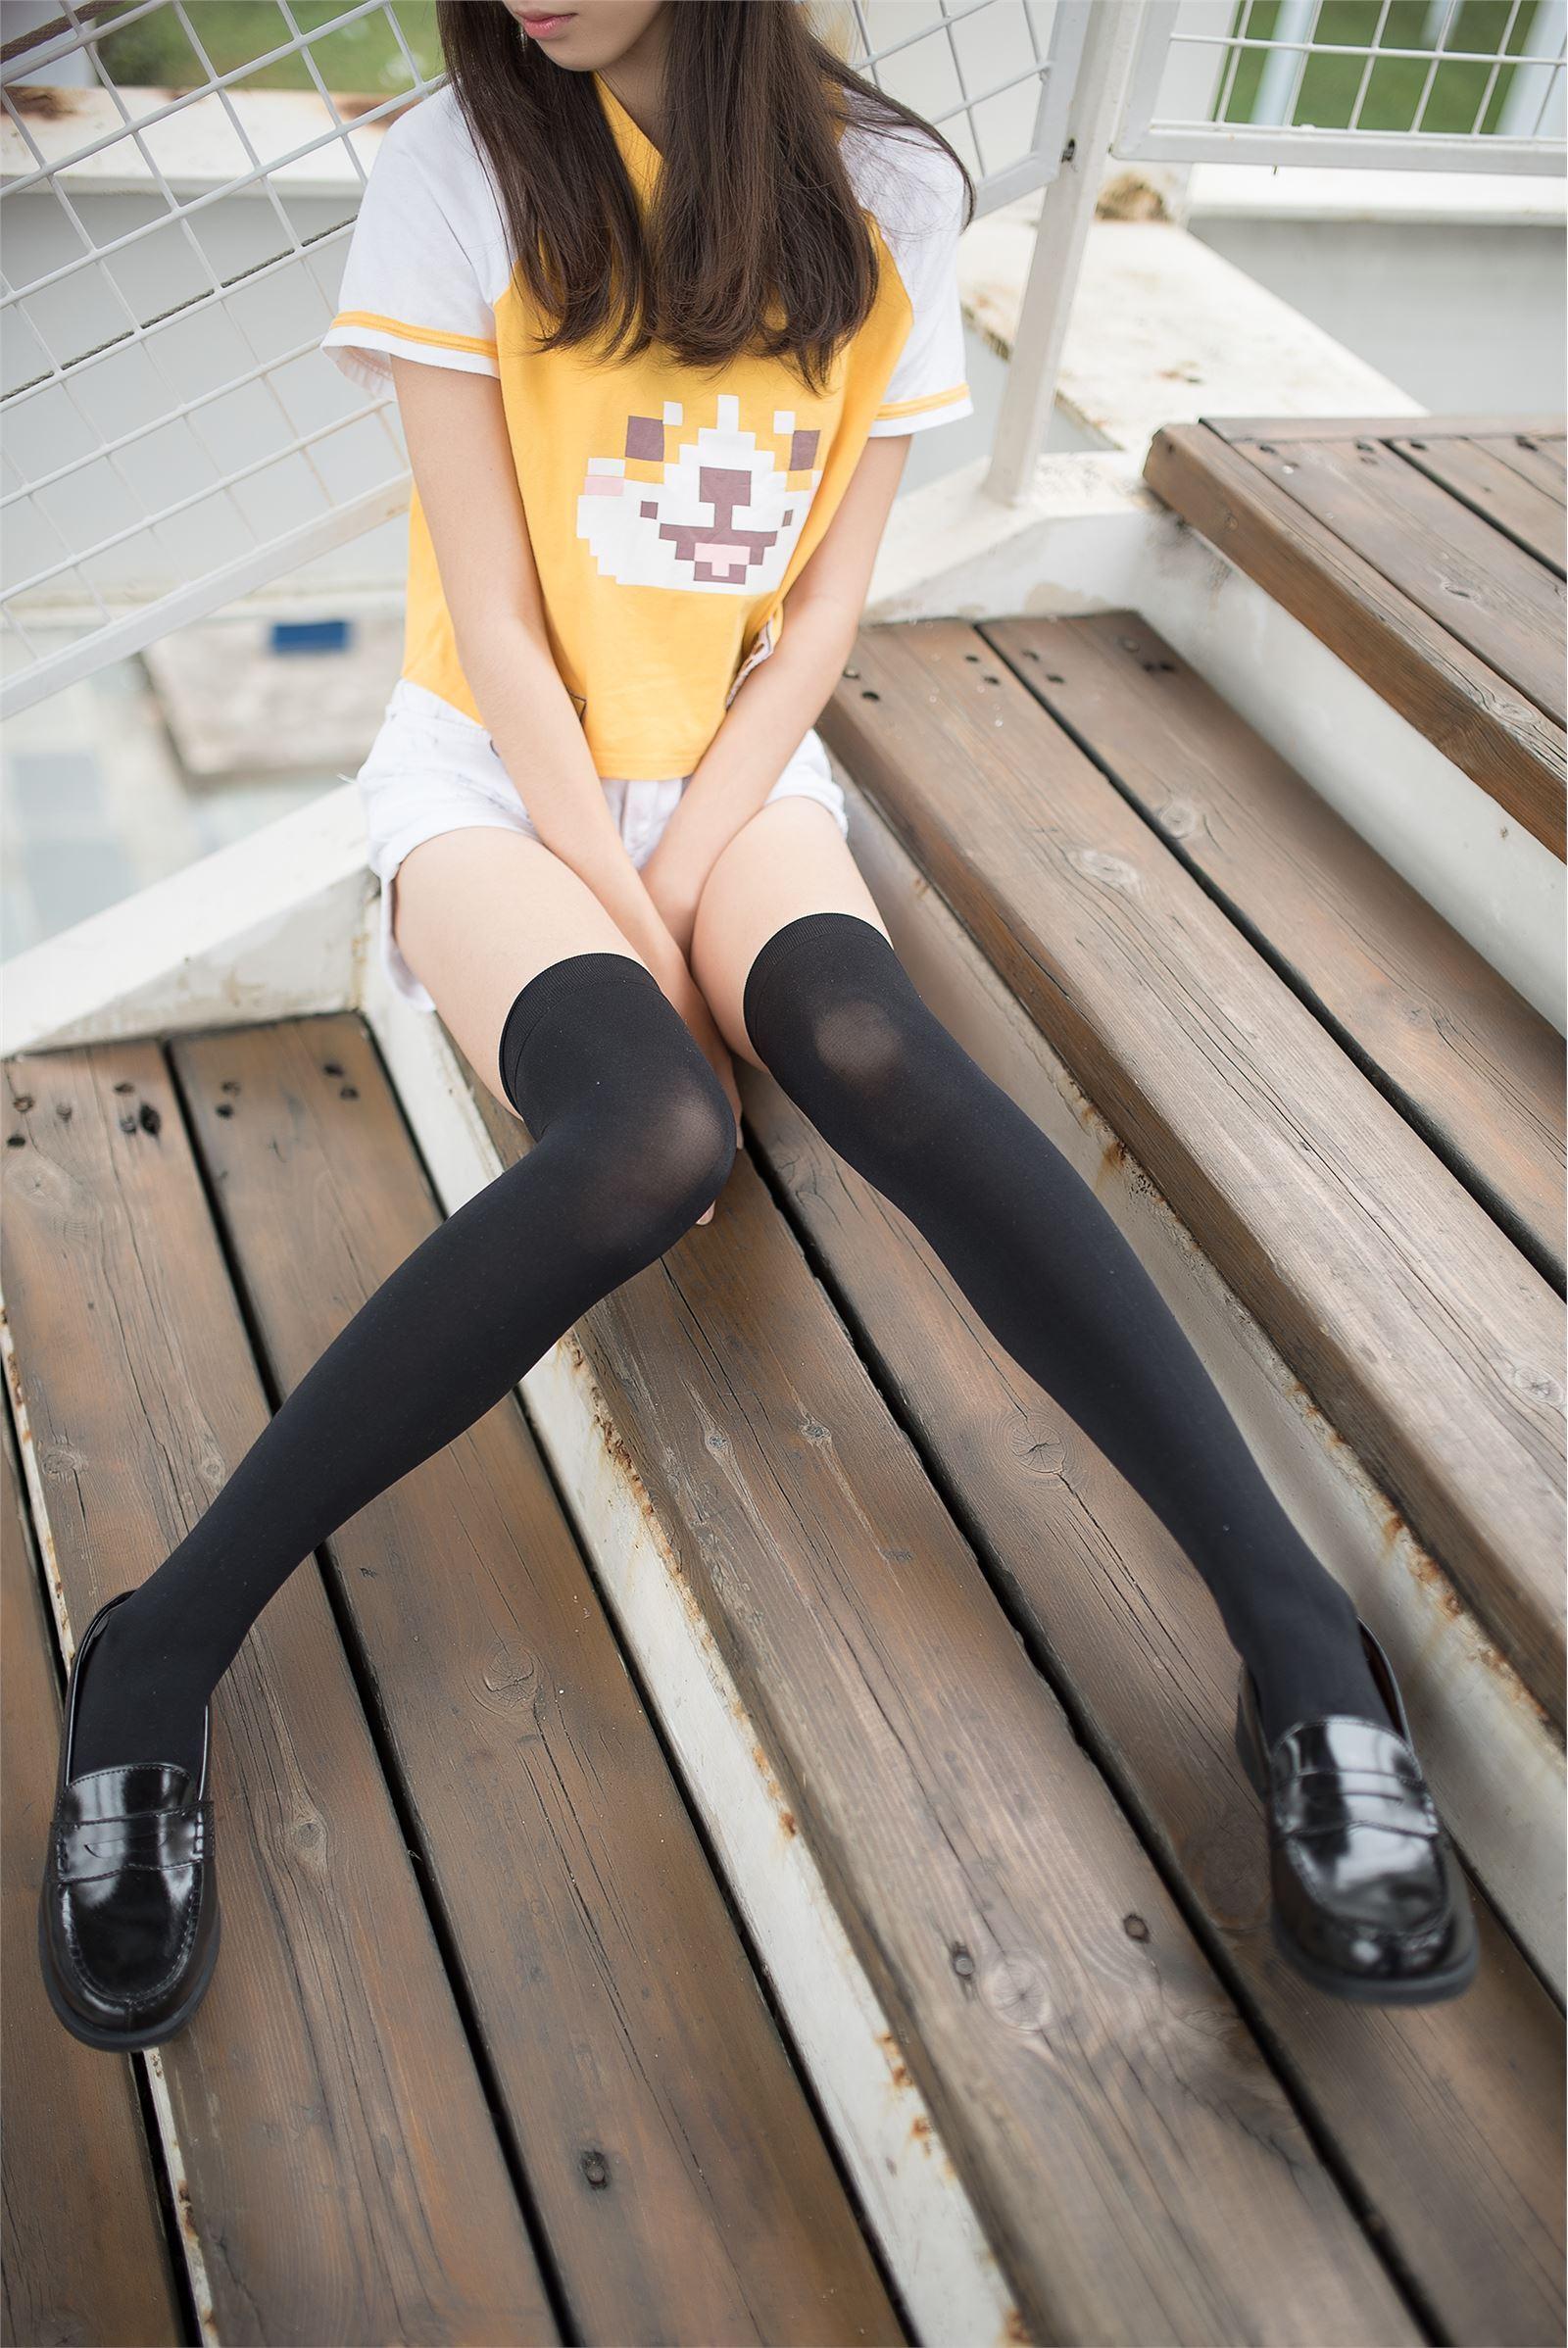 风之领域写真 NO.002 黑丝长腿